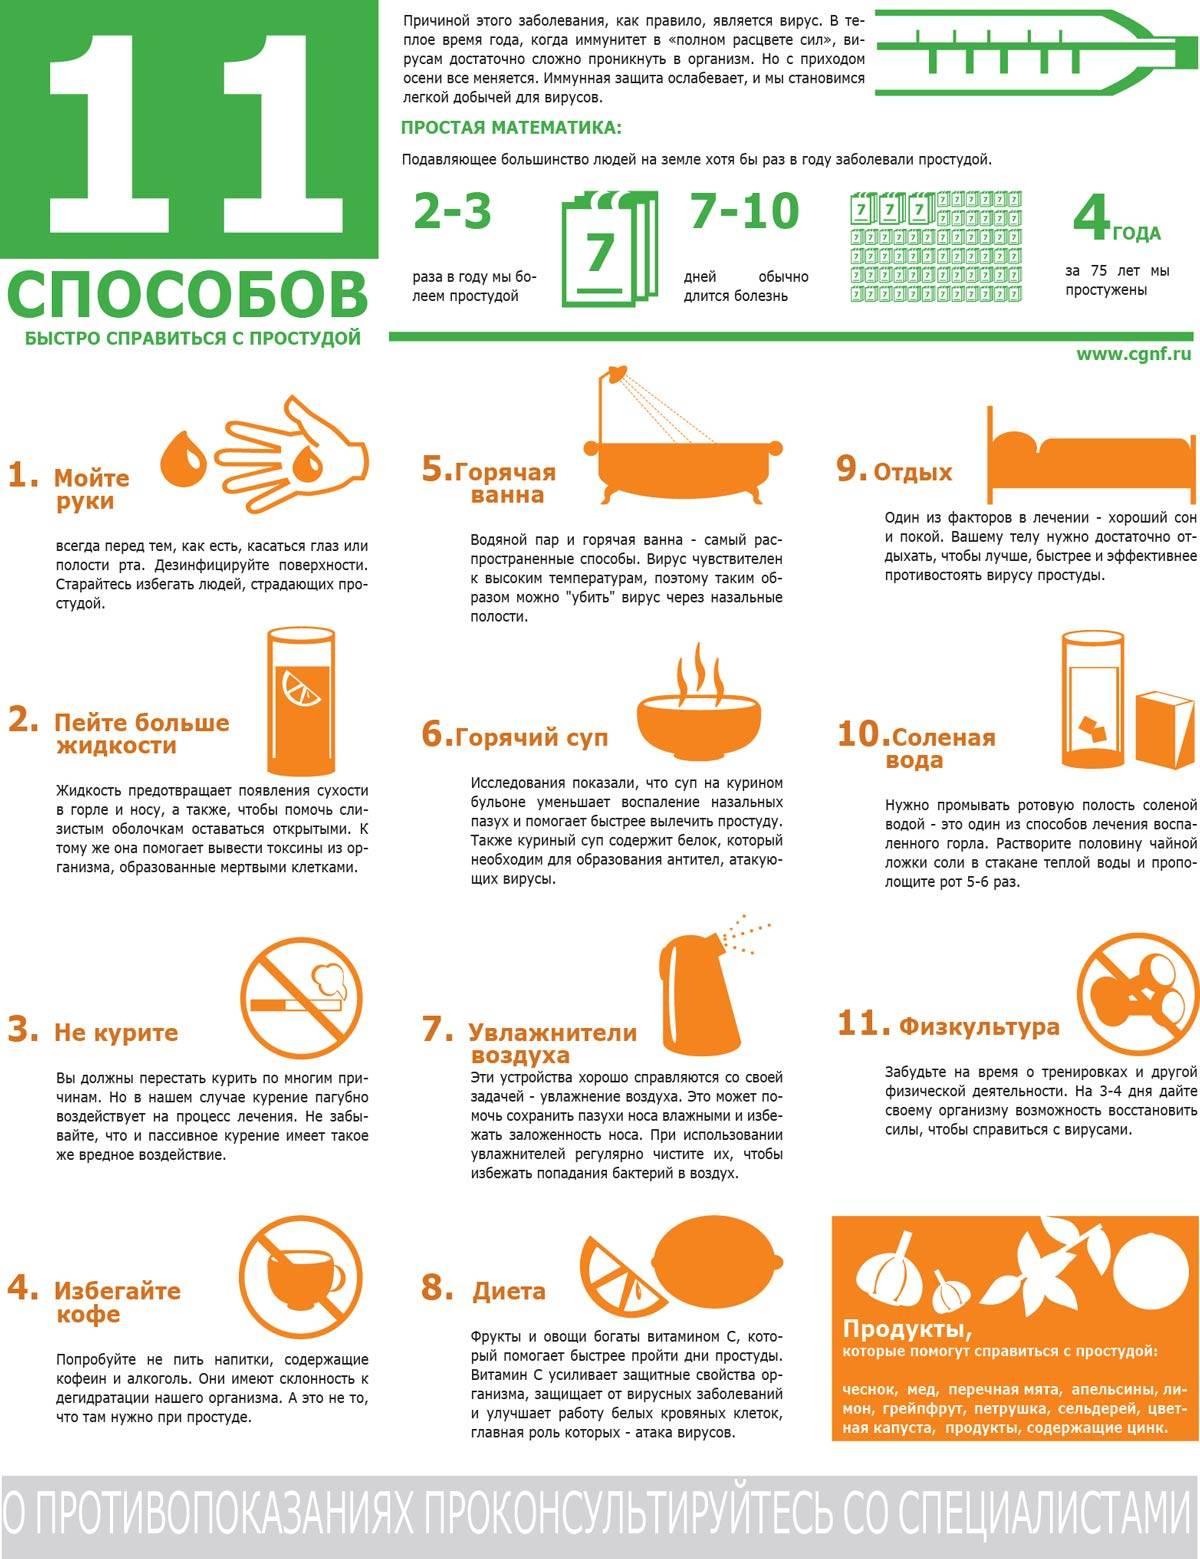 Как быстро выздороветь от простуды: лечим простуду в домашних условиях